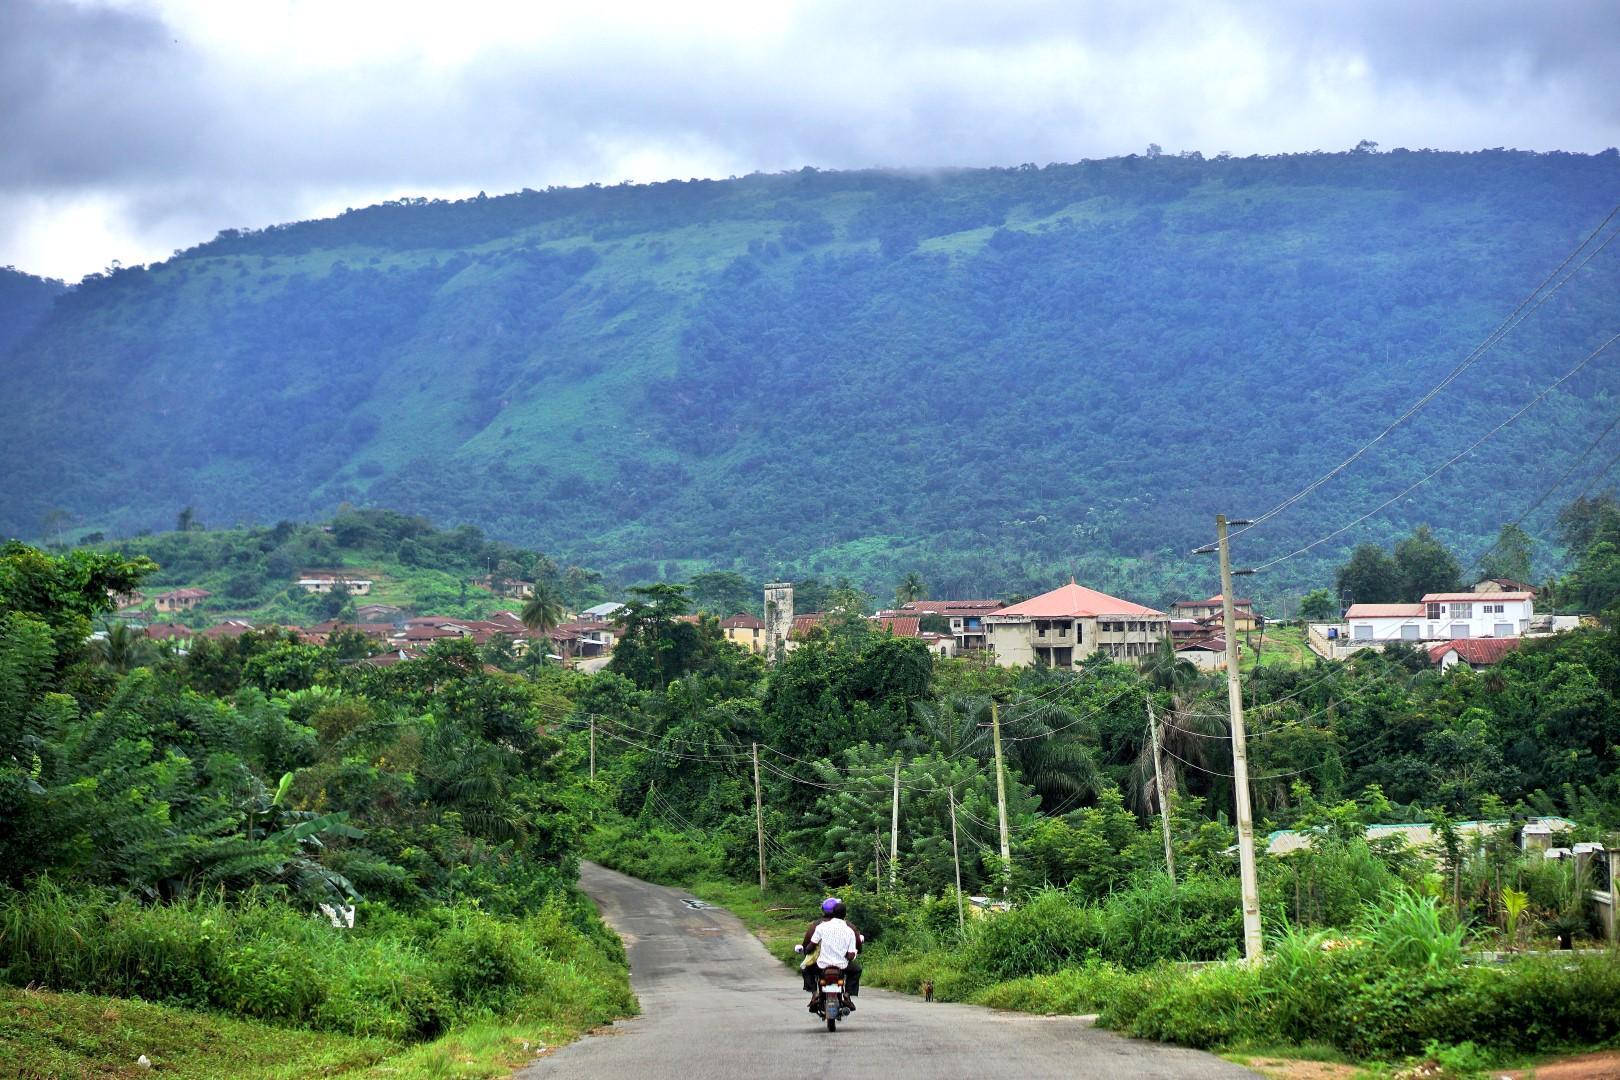 Osun state, Nigeria